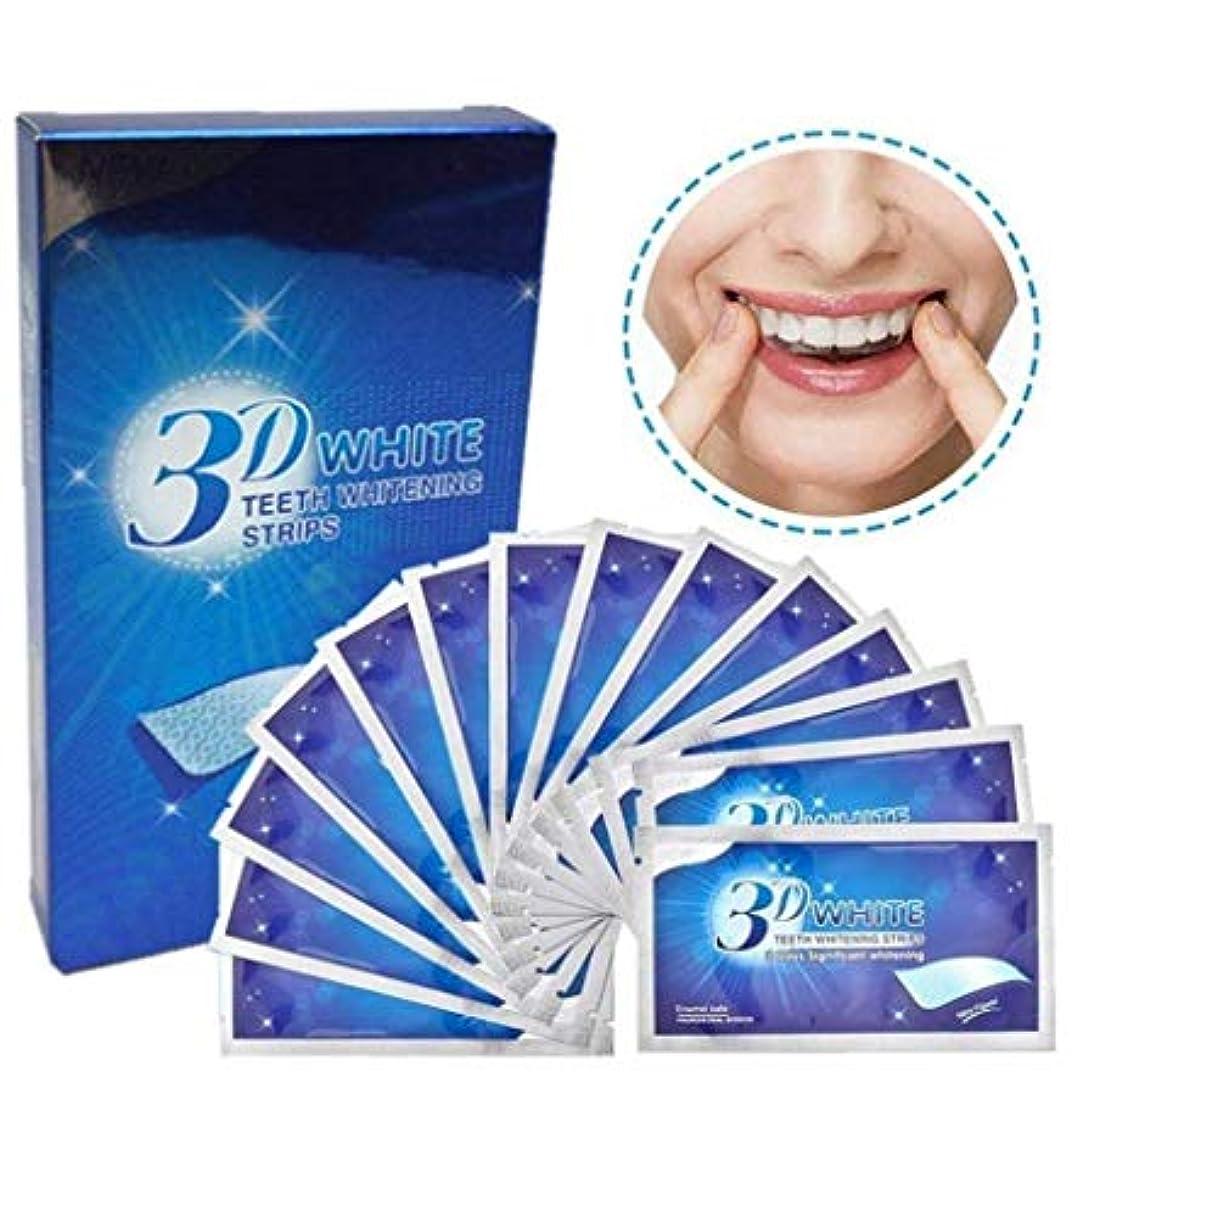 歯 美白 ホワイトニング マニキュア 歯ケア 歯のホワイトニング 美白歯磨き 歯を白 ホワイトニングテープ 歯を漂白 14枚